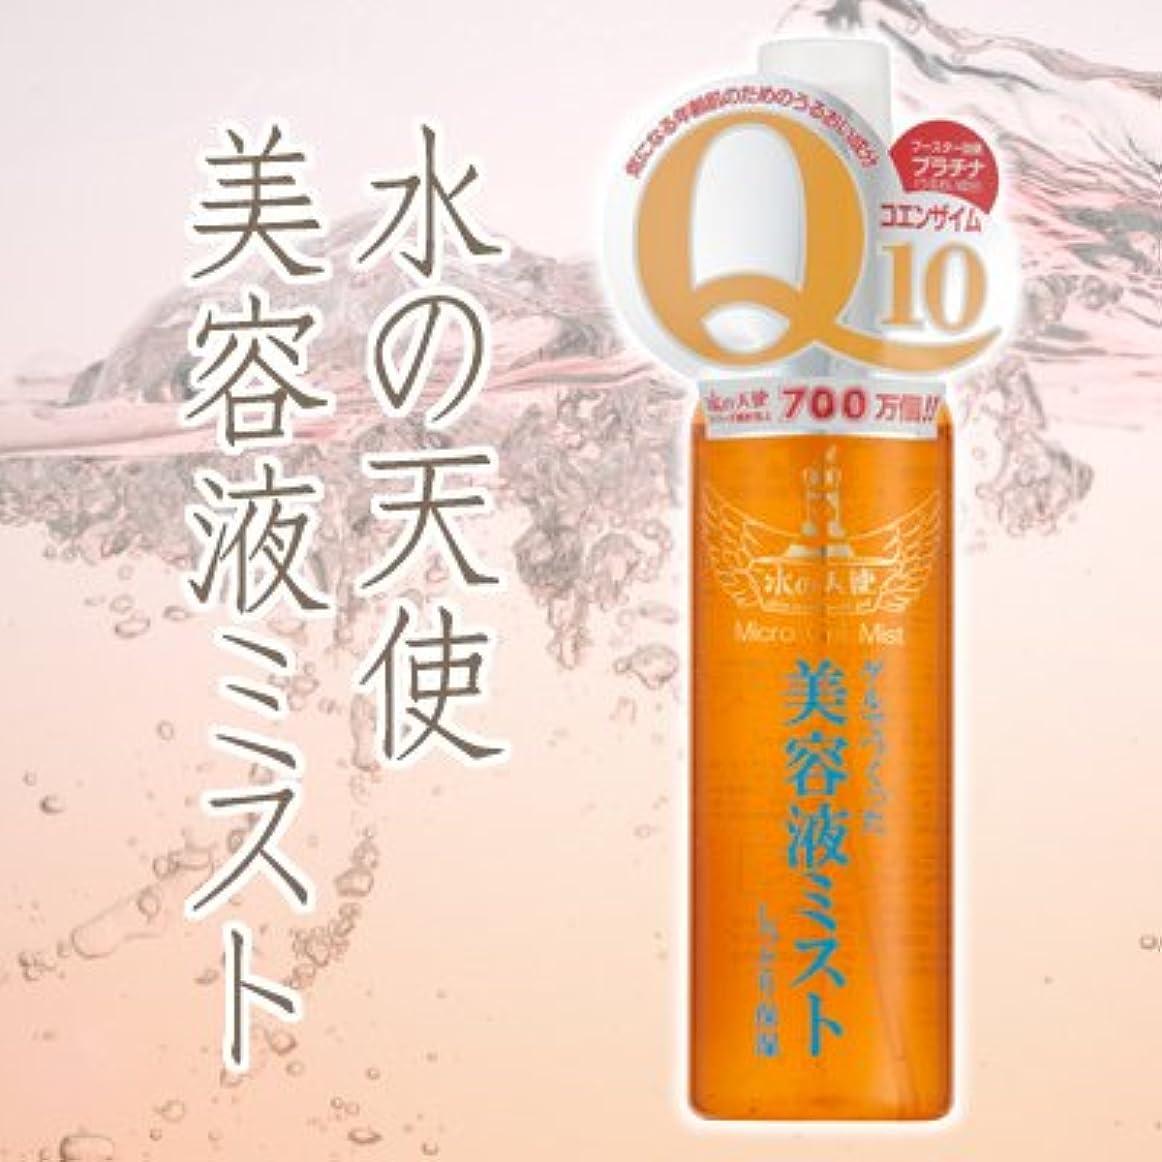 ユーモラス幾分きょうだい水の天使美容液ミスト 120ml 3個セット ※あの「水の天使」シリーズから美容液ミストが新登場!